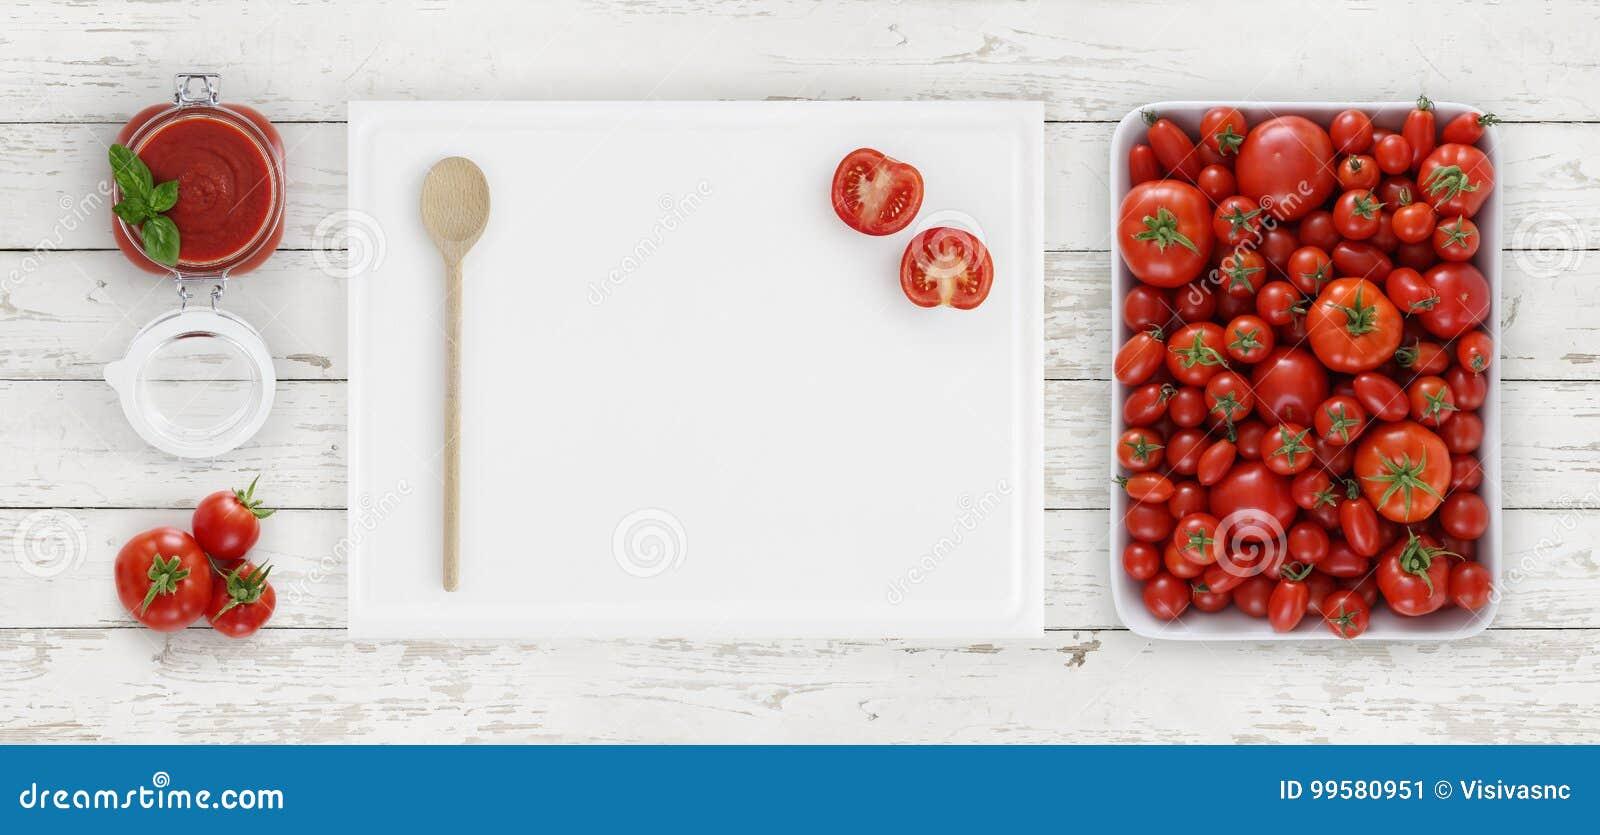 Tomatensaus die hierboven, raad met lepel, glaskruik en toma snijden